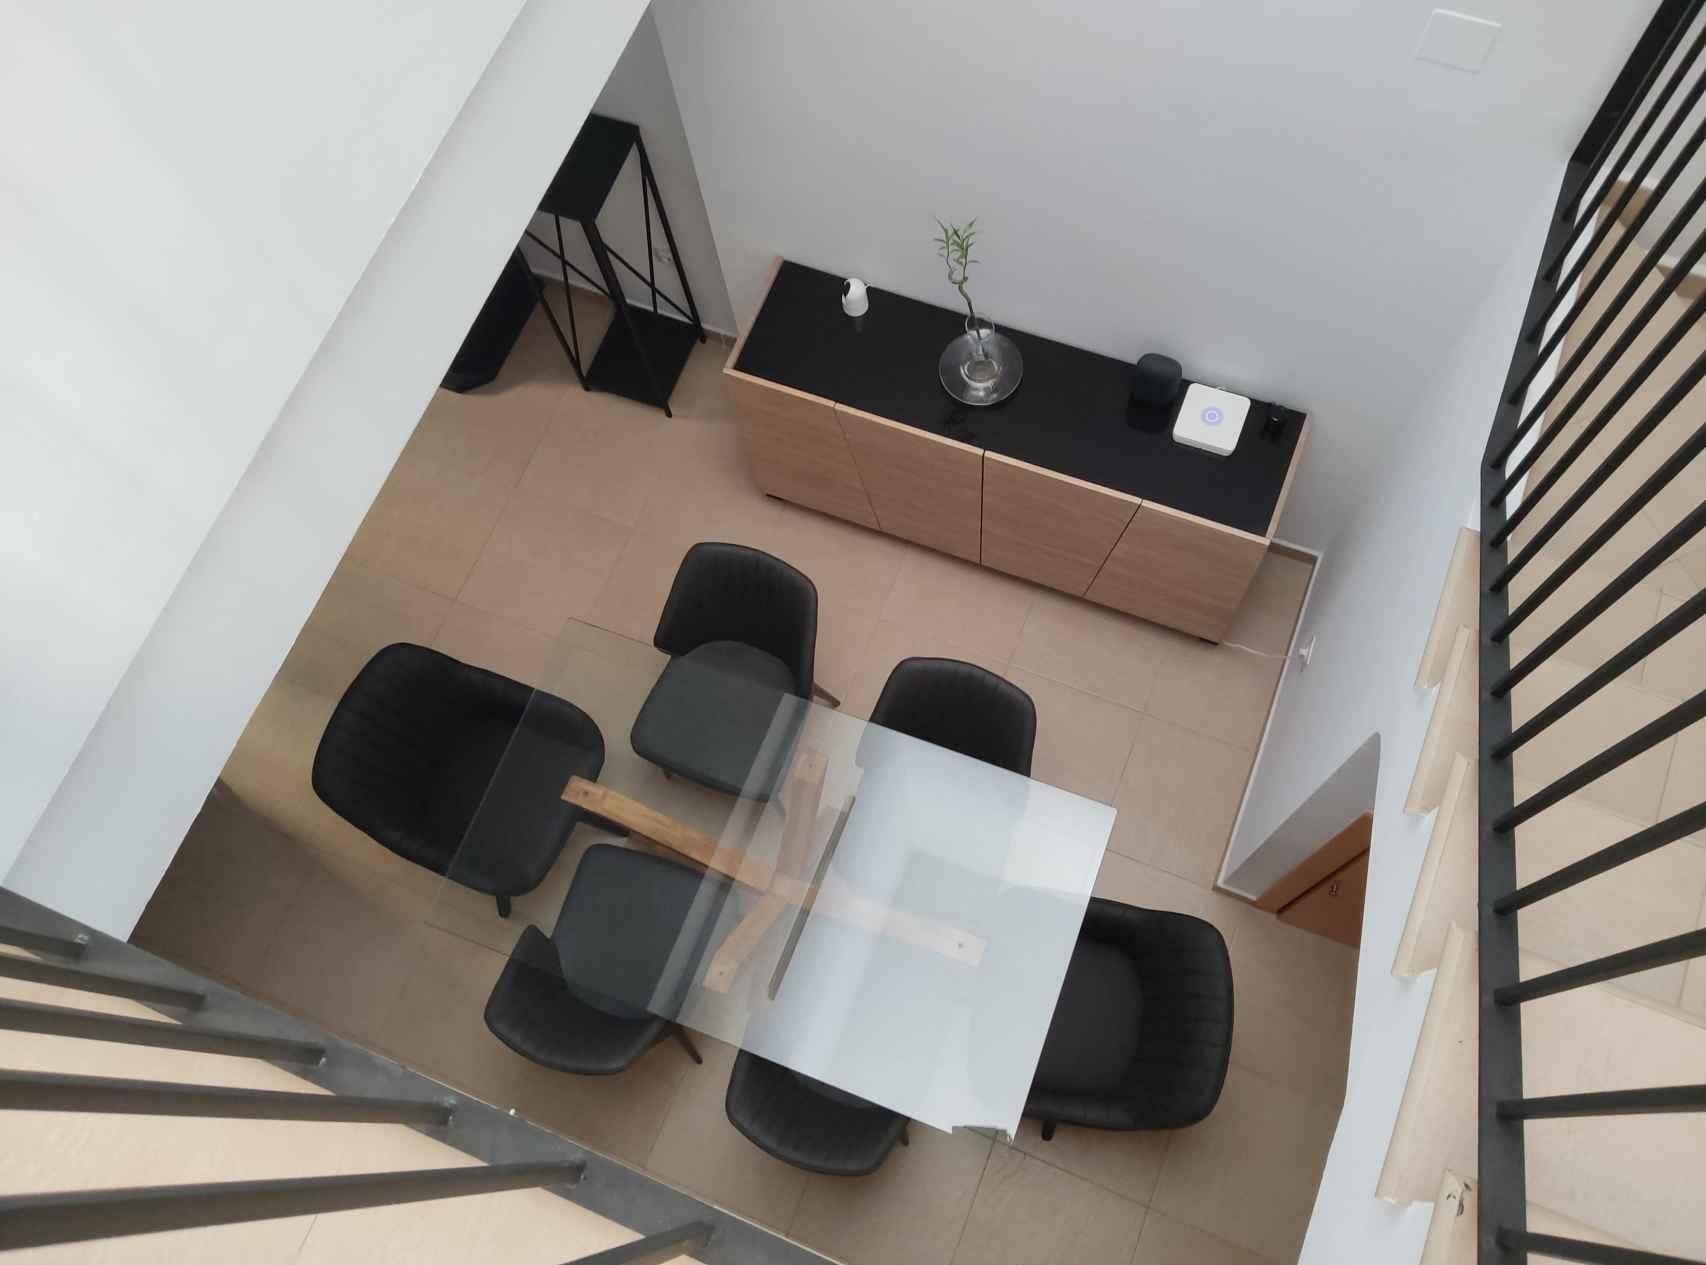 Fotografía interior con cámara trasera